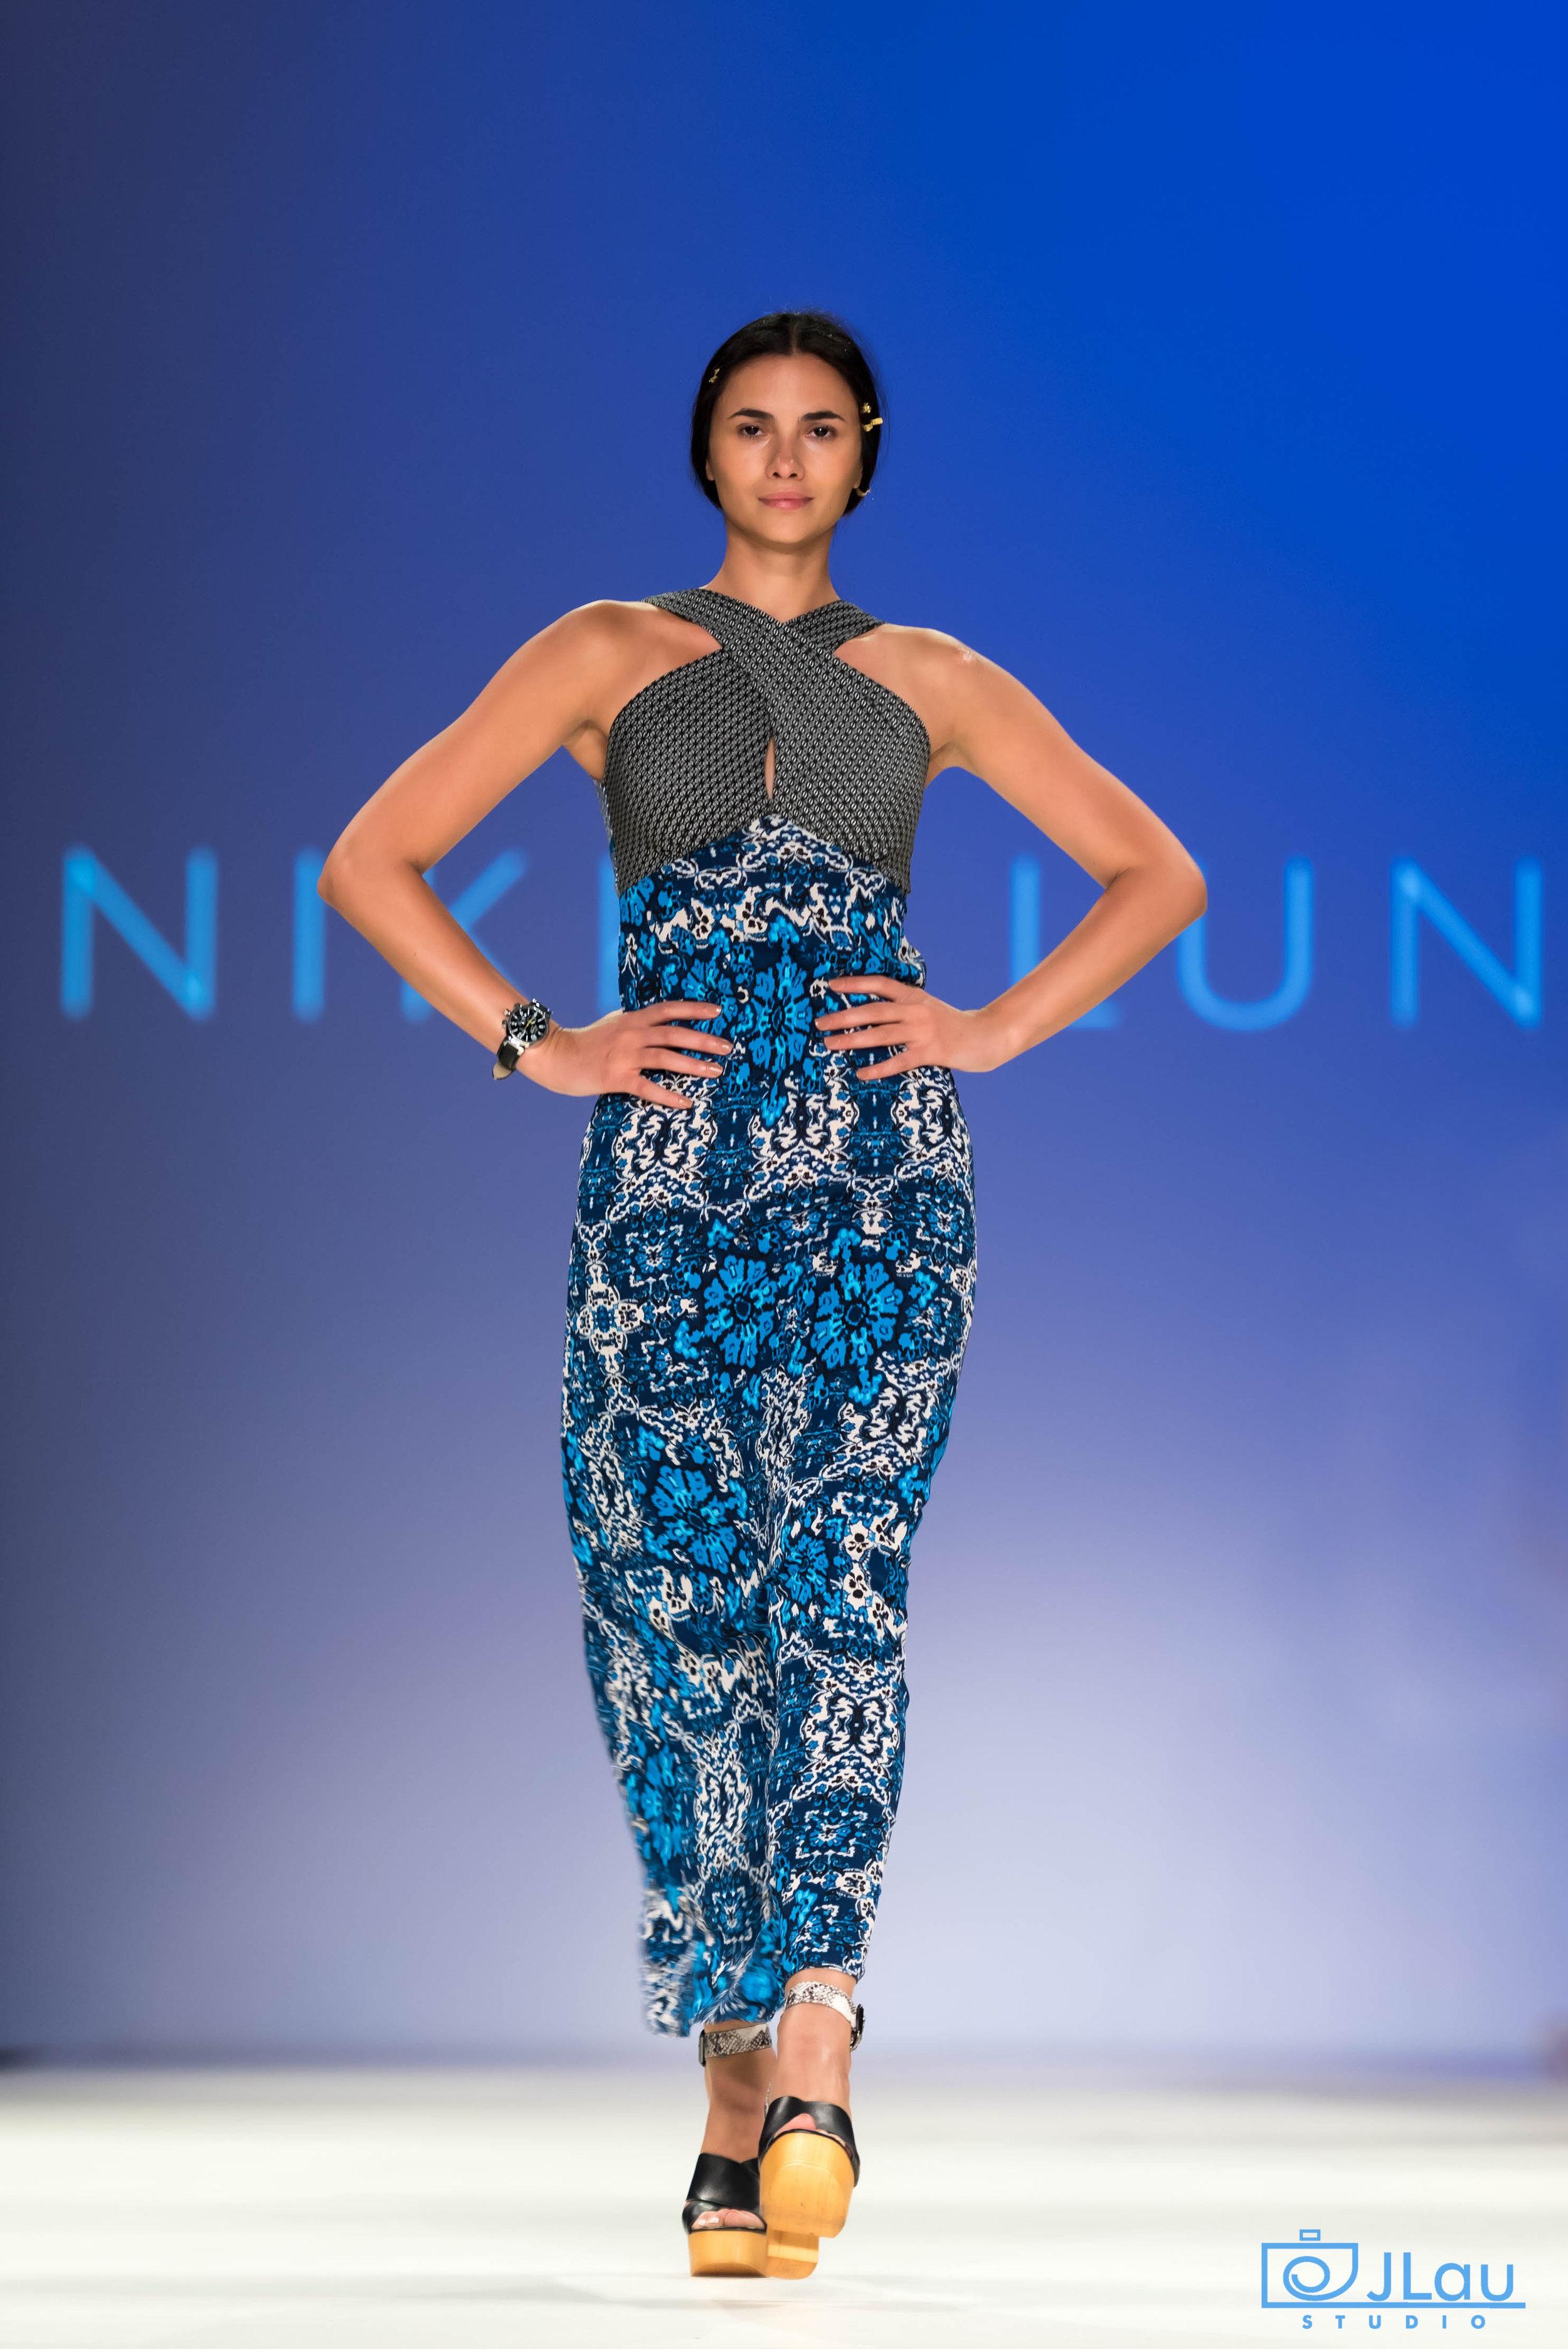 Style Week Fashion Designer: Nikki Lund